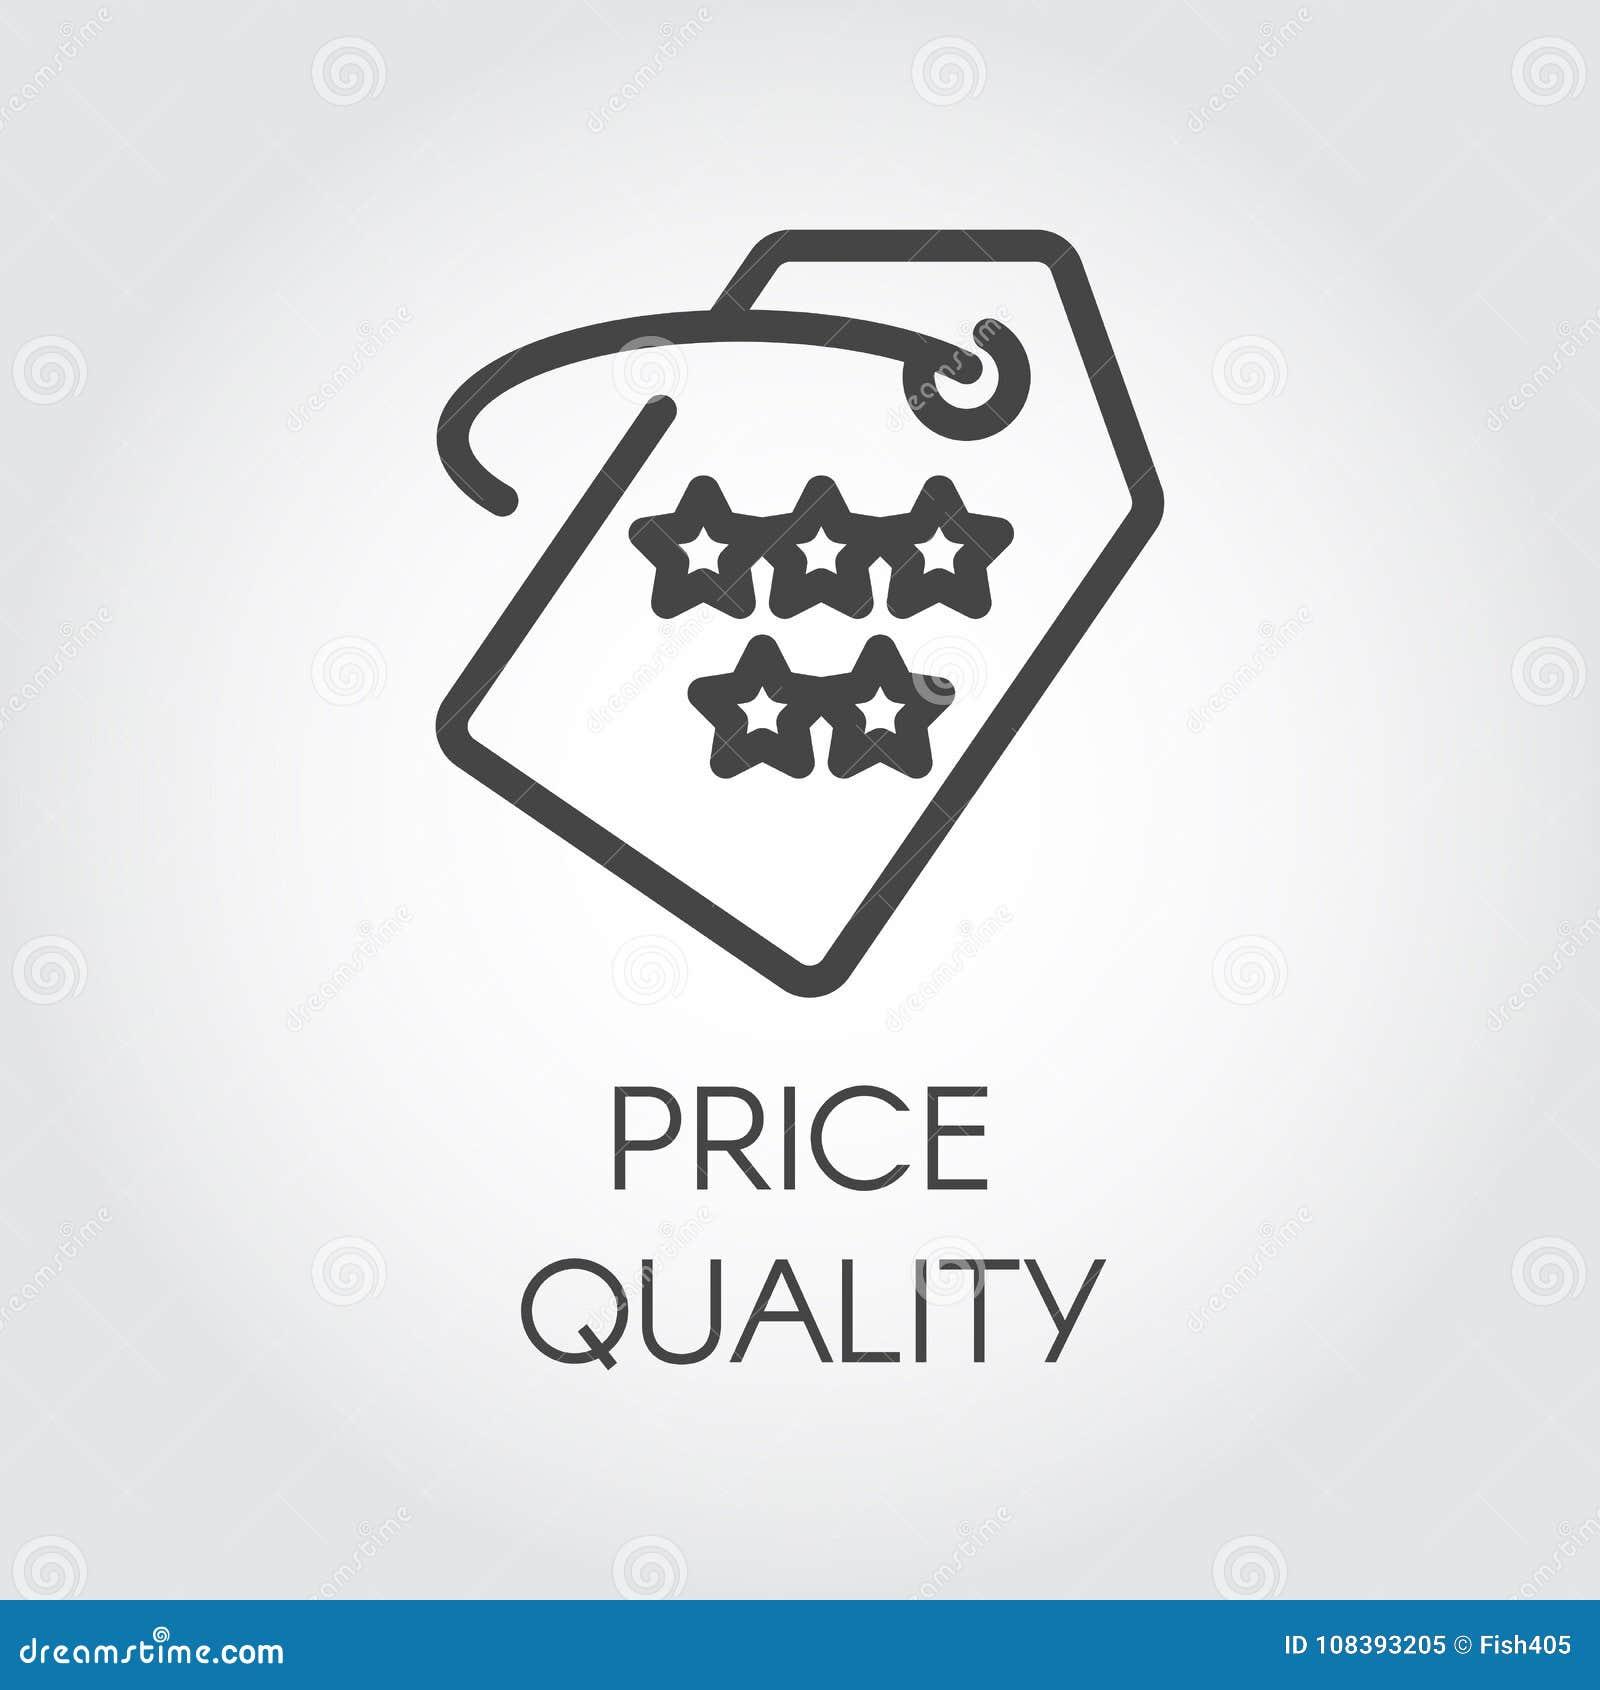 Icono del esquema de la calidad del precio Pictograma linear gráfico para las ofertas, los descuentos, las ventas, viernes negro